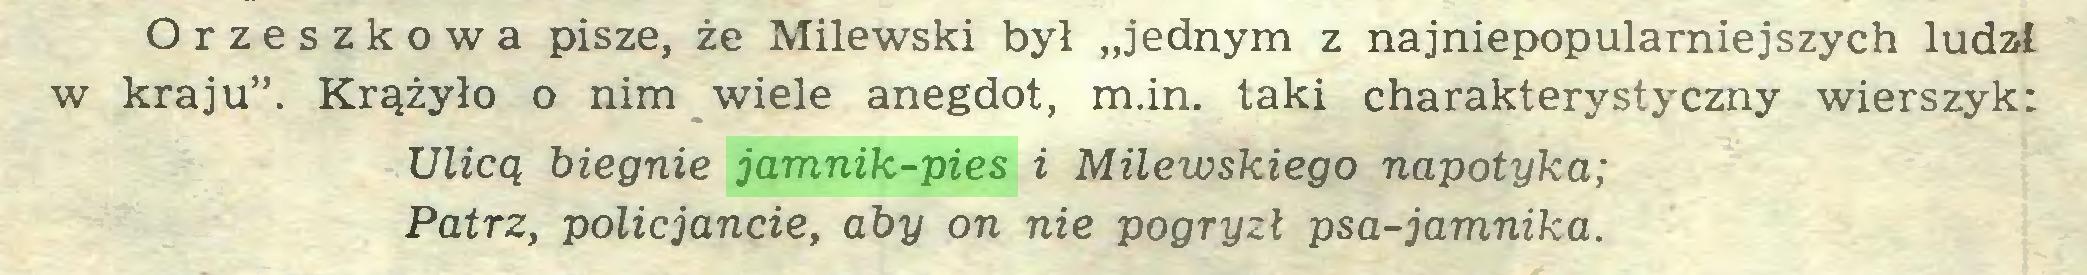 """(...) Orzeszkowa pisze, że Milewski był """"jednym z najniepopularniejszych ludzi w kraju"""". Krążyło o nim wiele anegdot, m.in. taki charakterystyczny wierszyk: Ulicą biegnie jamnik-pies i Milewskiego napotyka; Patrz, policjancie, aby on nie pogryzł psa-jamnika..."""